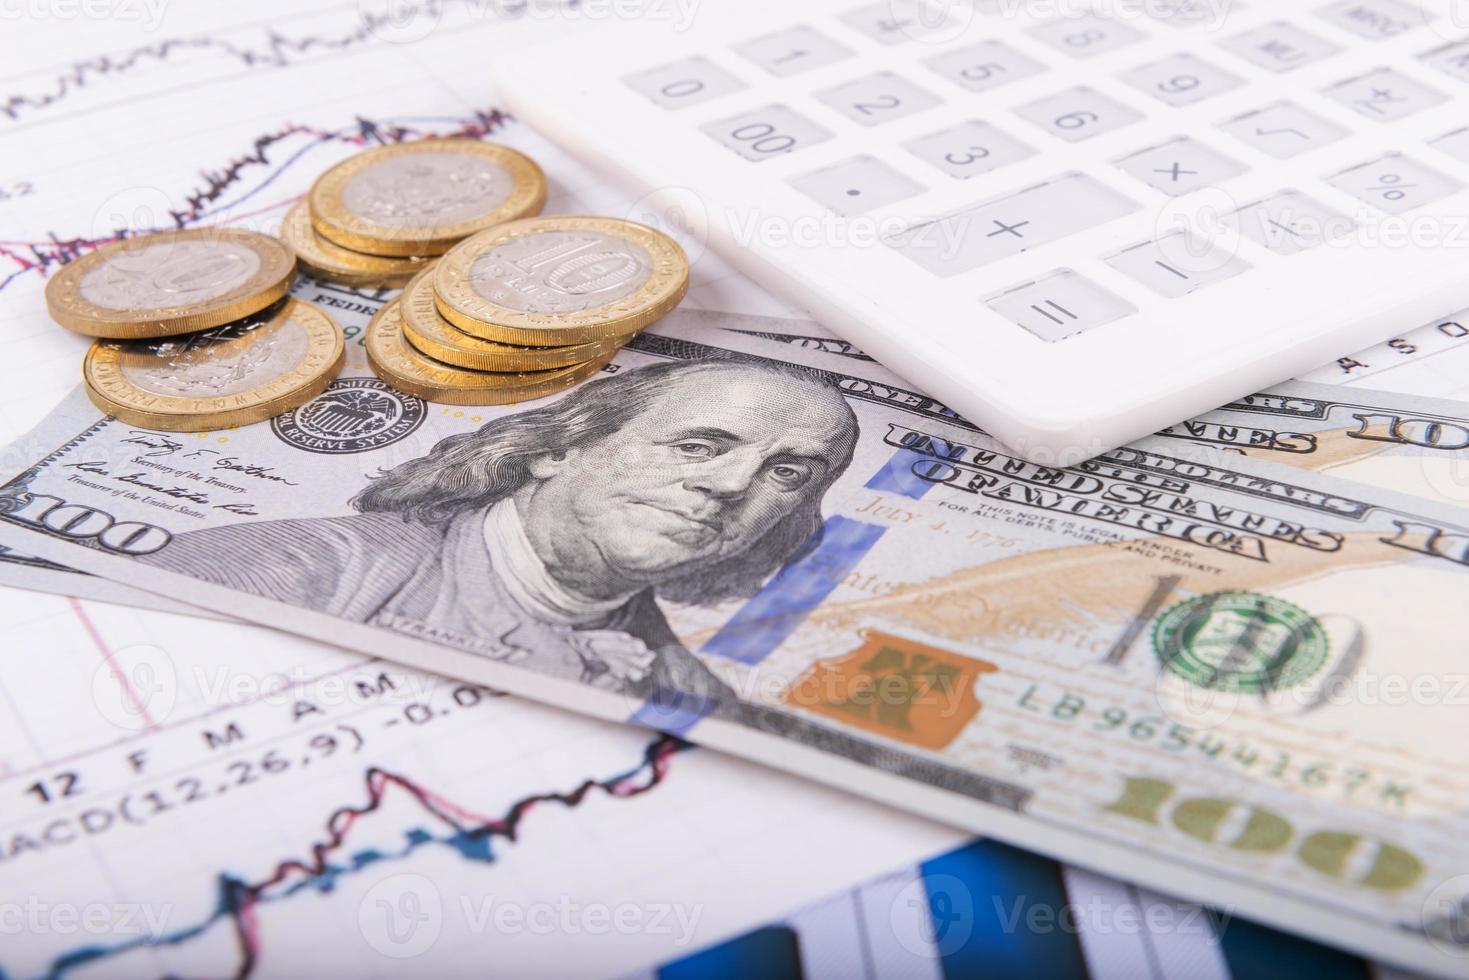 Geschäftskonzept mit Taschenrechner, Brille, Geld und Dokumenten foto